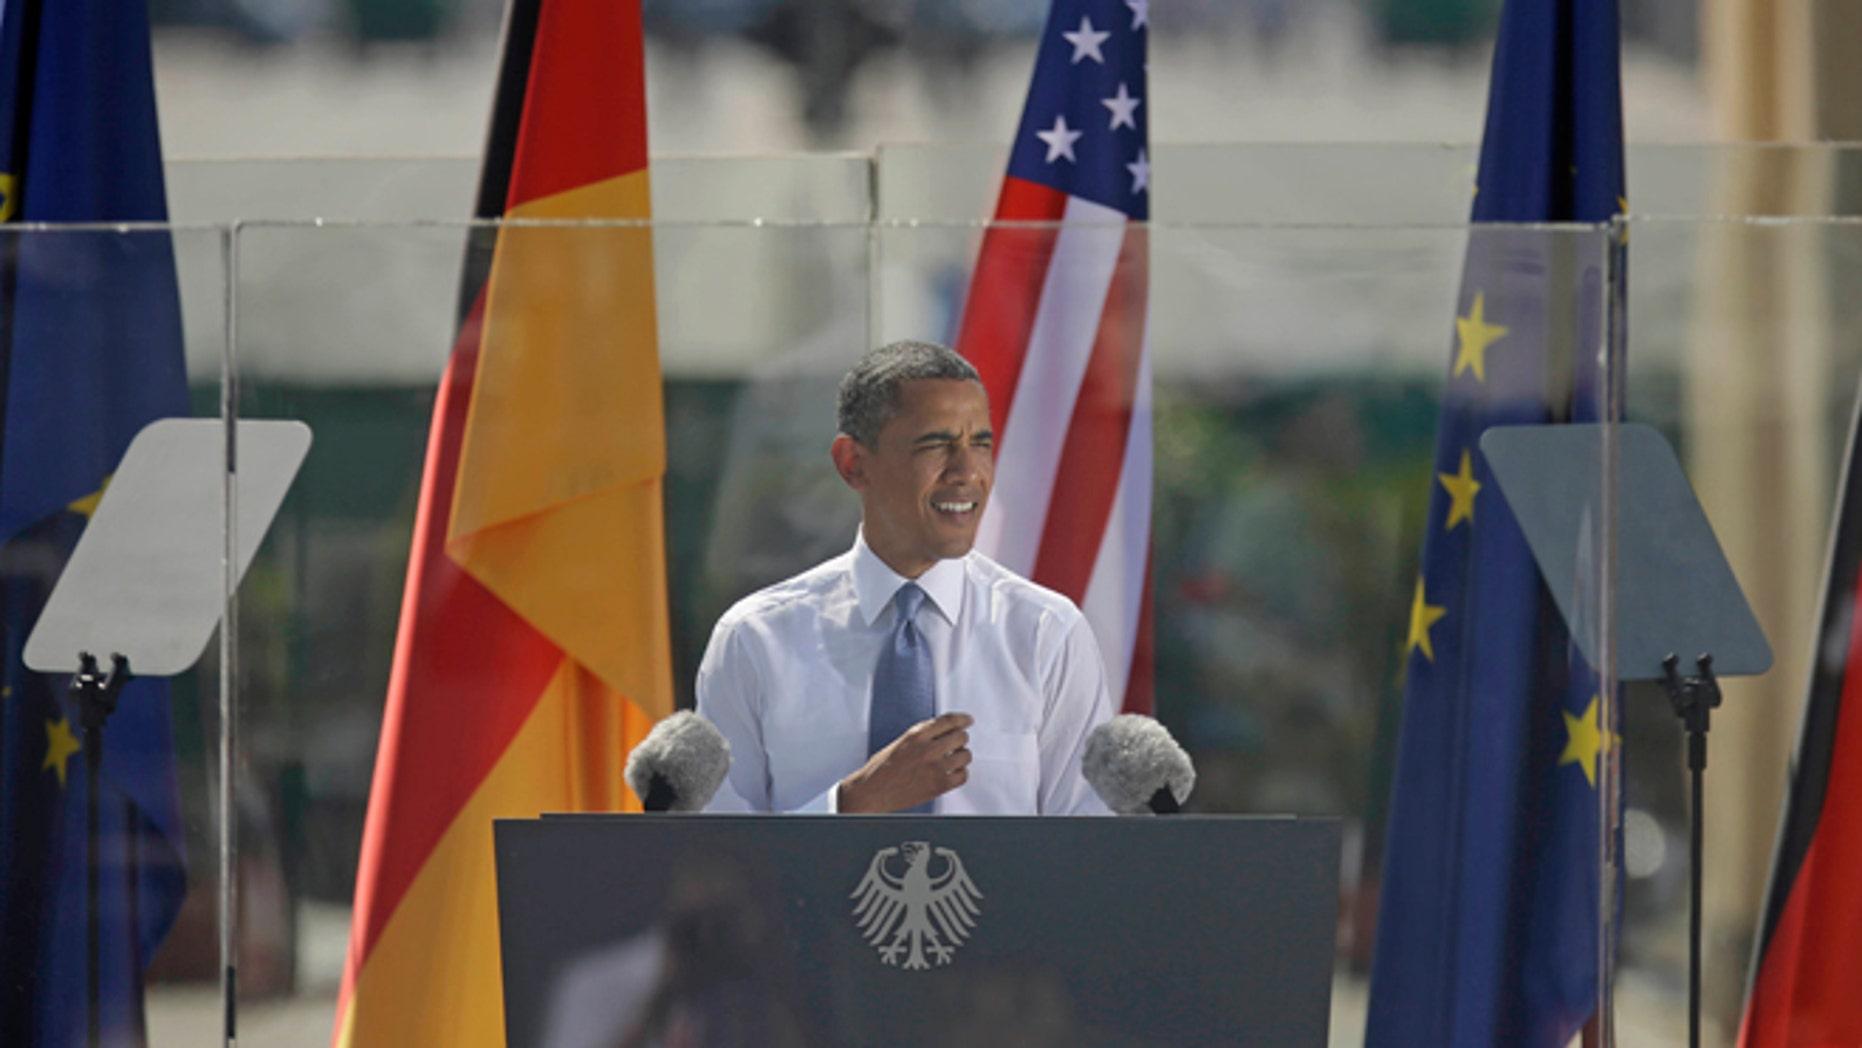 June 19, 2013: President Obama speaks in front of the iconic Brandenburg Gate in Berlin, Germany.